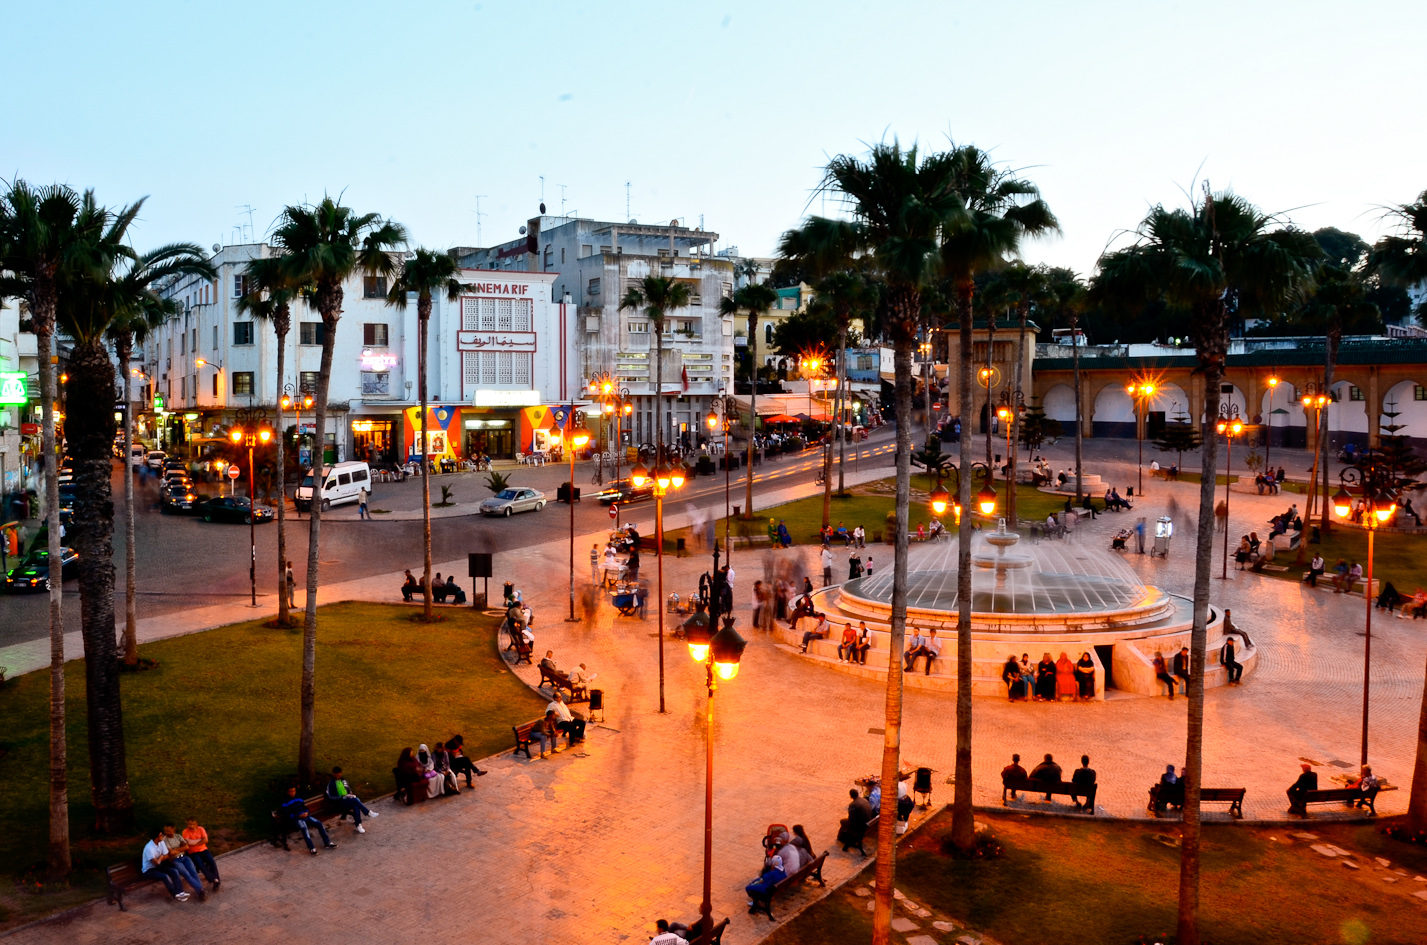 Tanger t touan al hoceima la chambre de commerce annonce for Chambre de commerce tanger